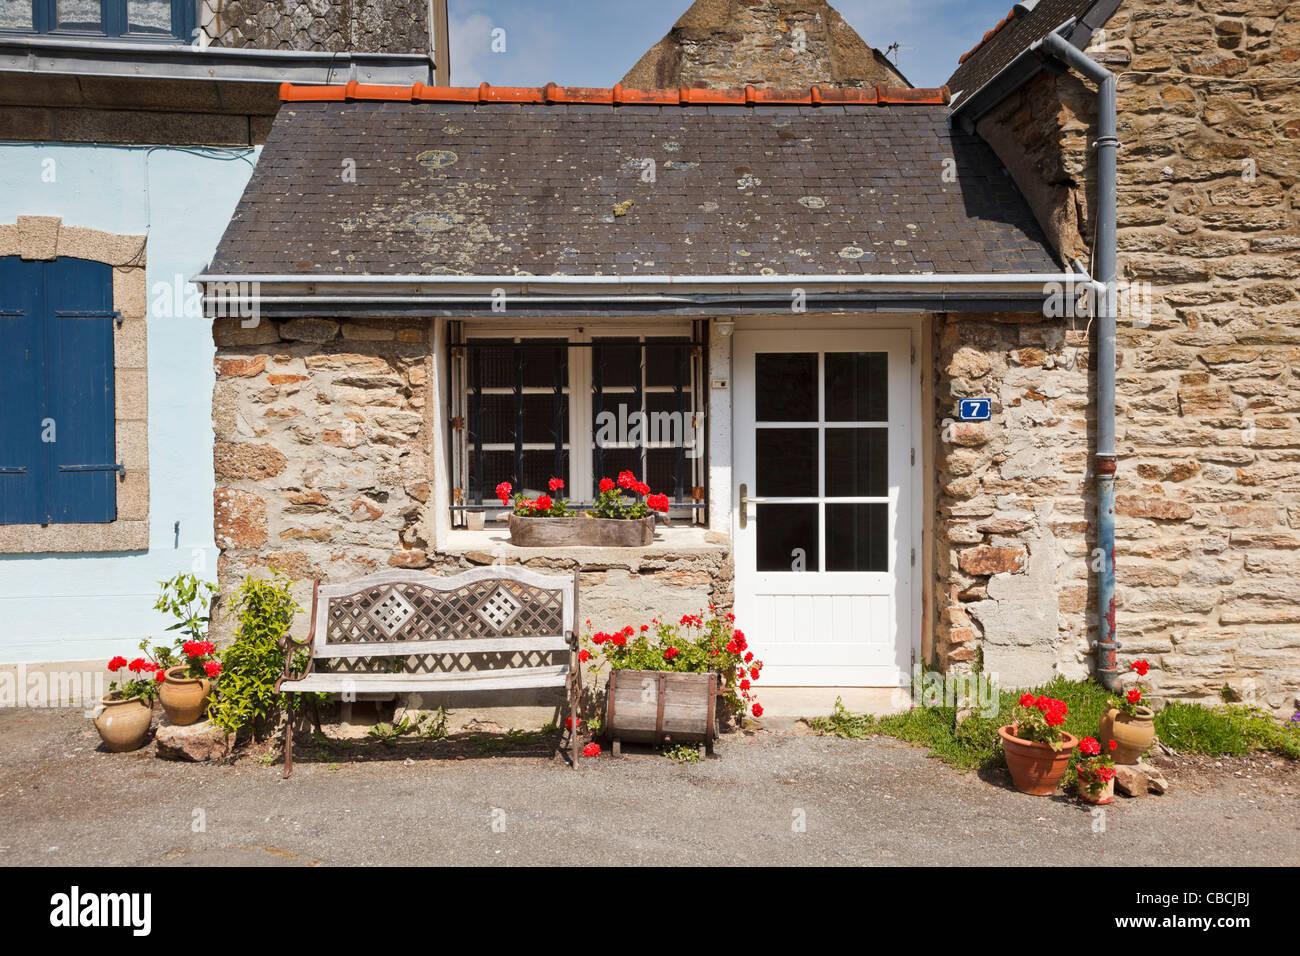 Insolita piccola casa in Concarneau, Finisterre, Bretagna Francia Immagini Stock